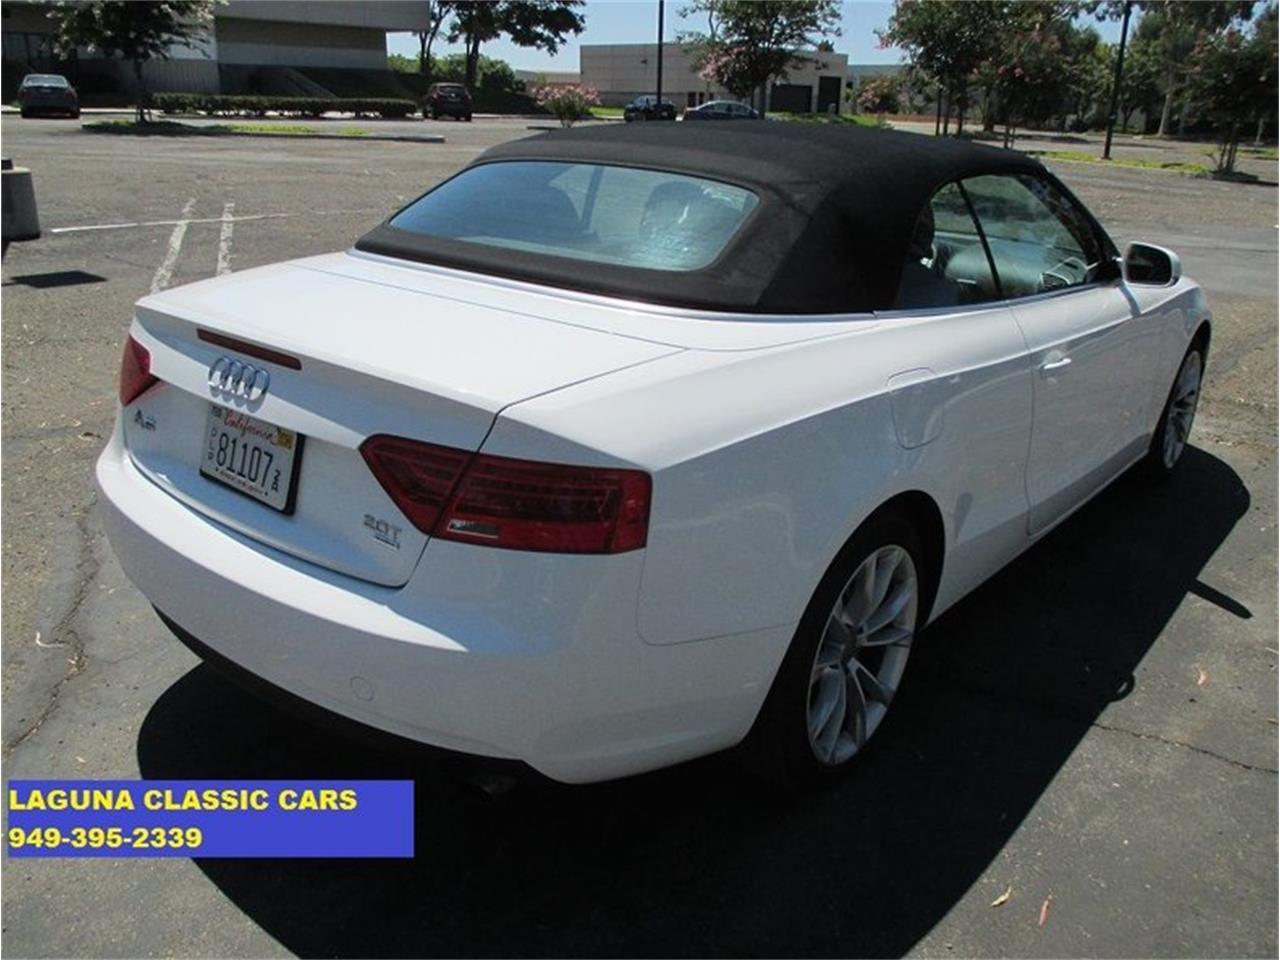 2013 Audi A5 (CC-1253323) for sale in Laguna Beach, California